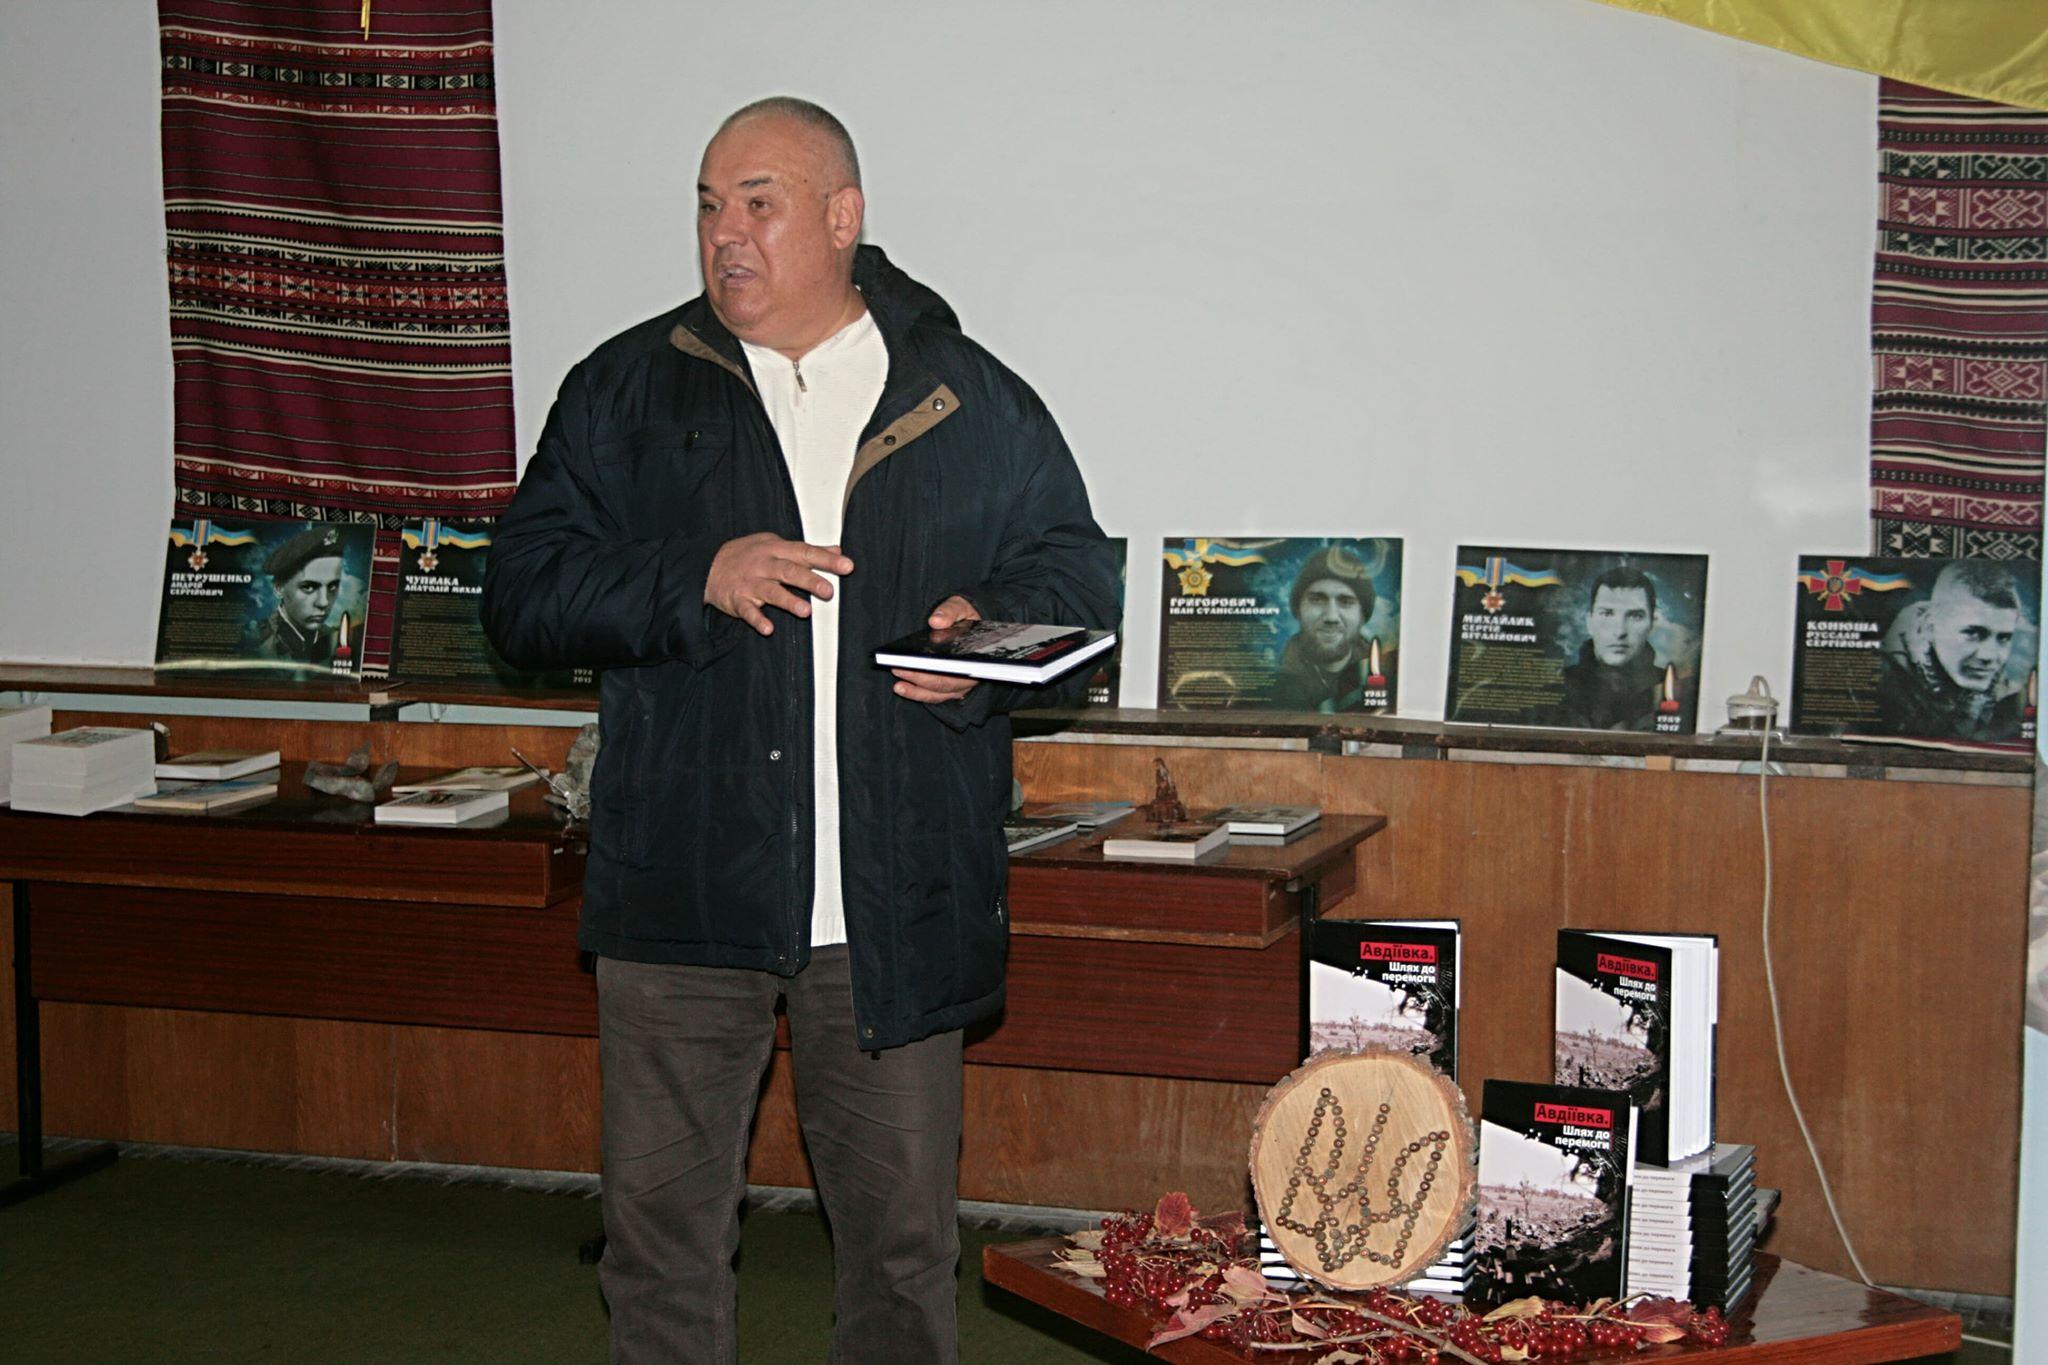 Юрій Паньковецький. Один з героїв книги, начмед 53 бригади на презентації книги Шлях до перемоги у Каневі